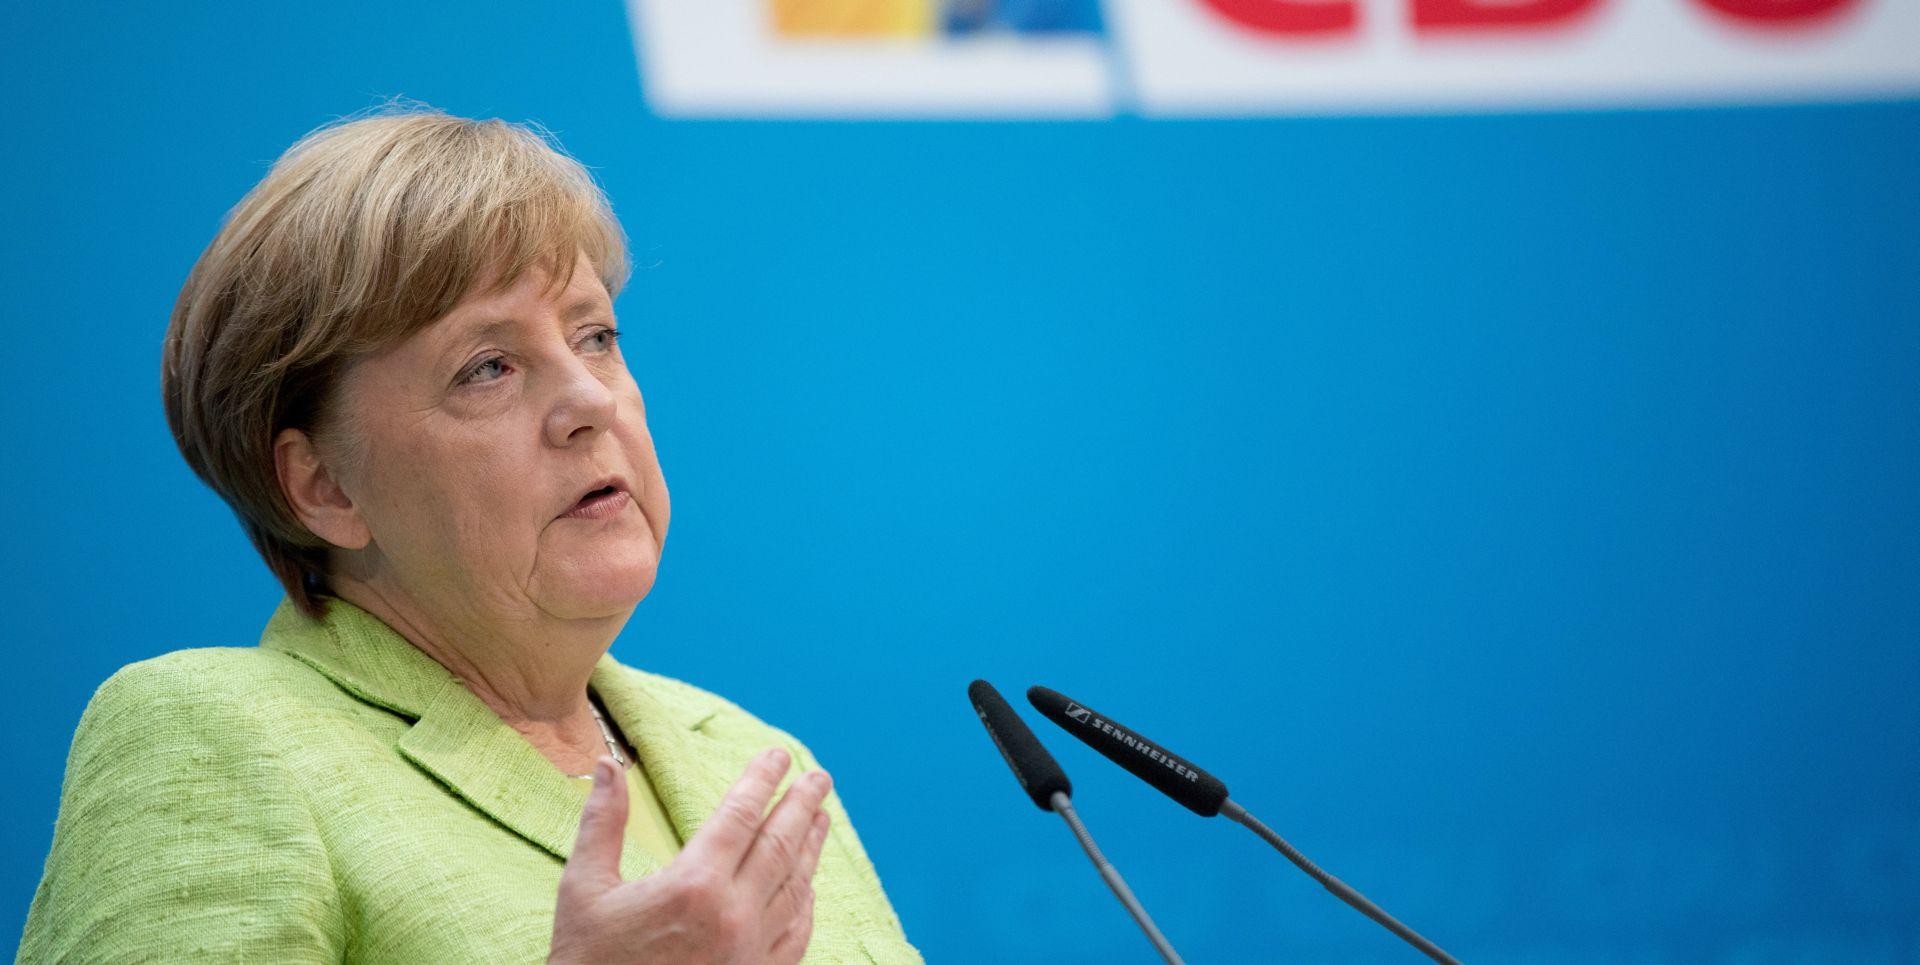 Merkel definitivno protiv referenduma o uvođenju smrtne kazne u Turskoj